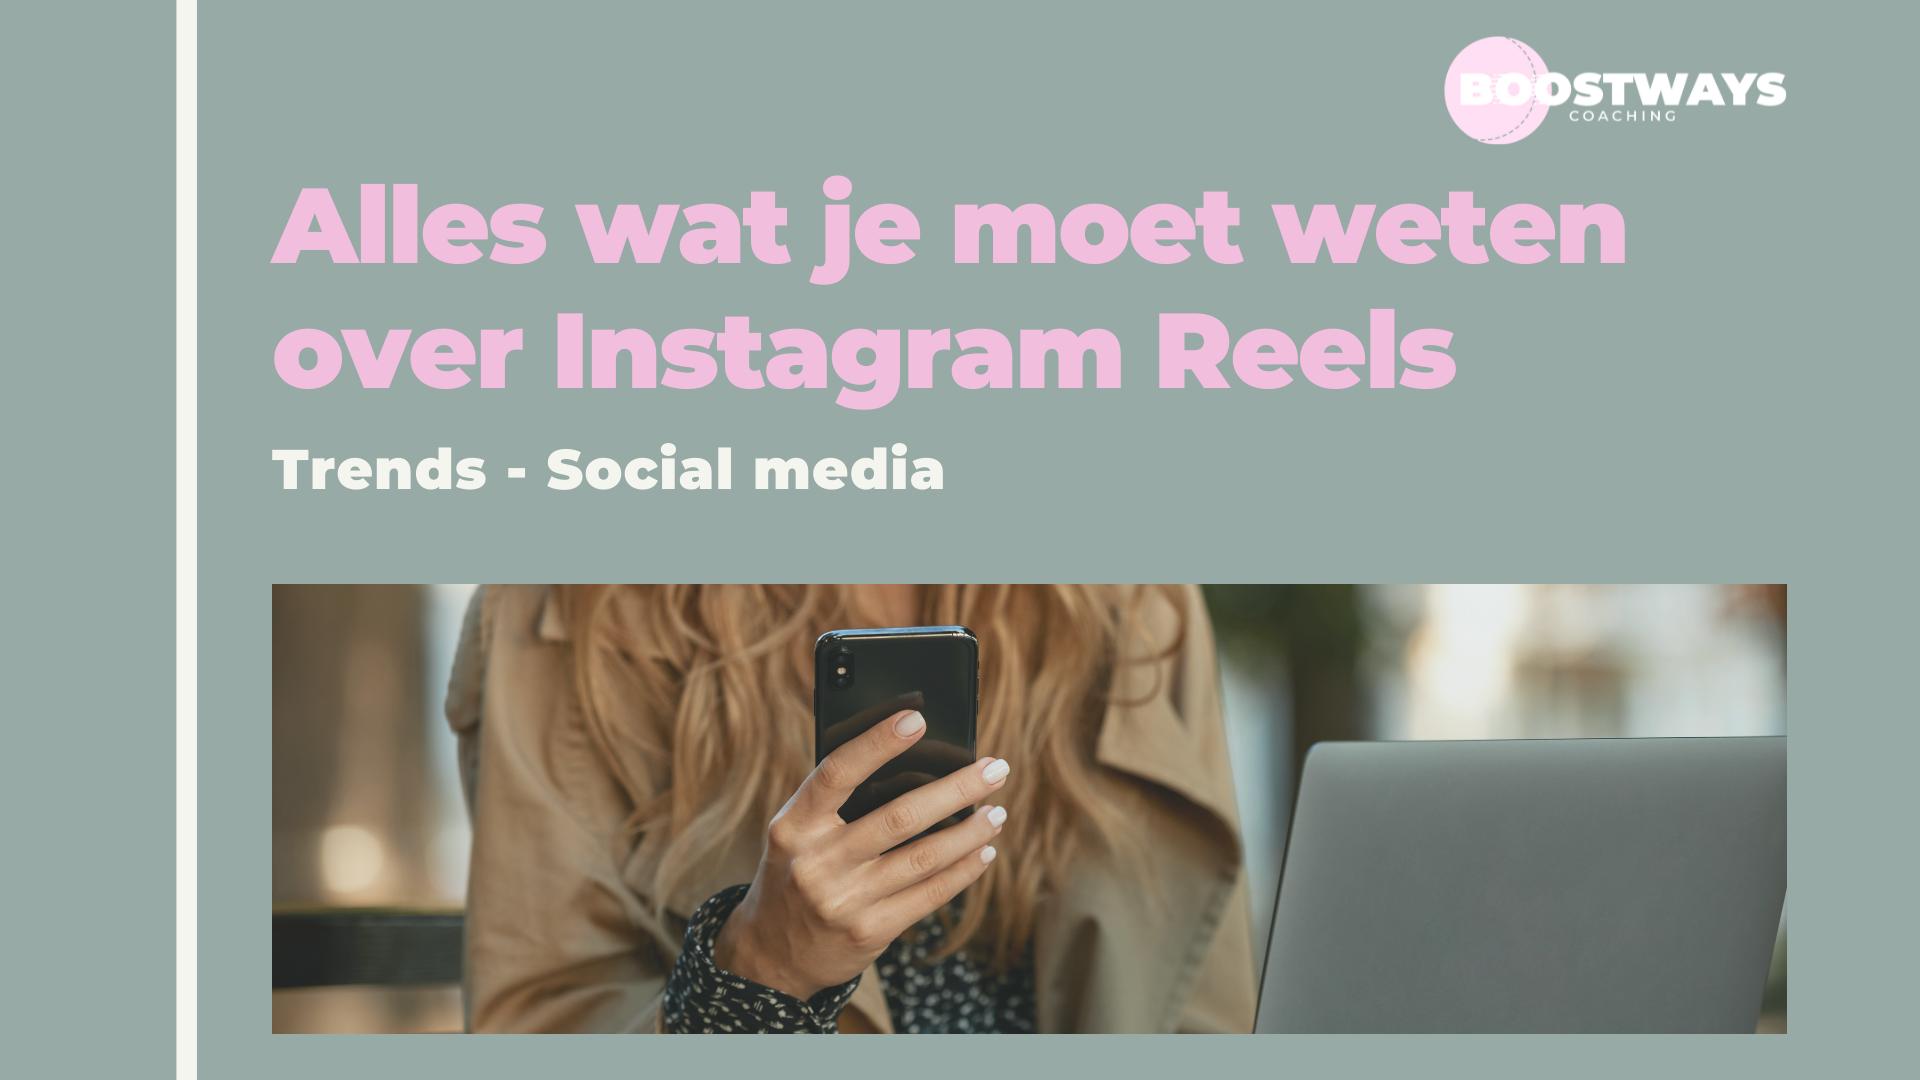 Alles wat je moet weten over Instagram Reels